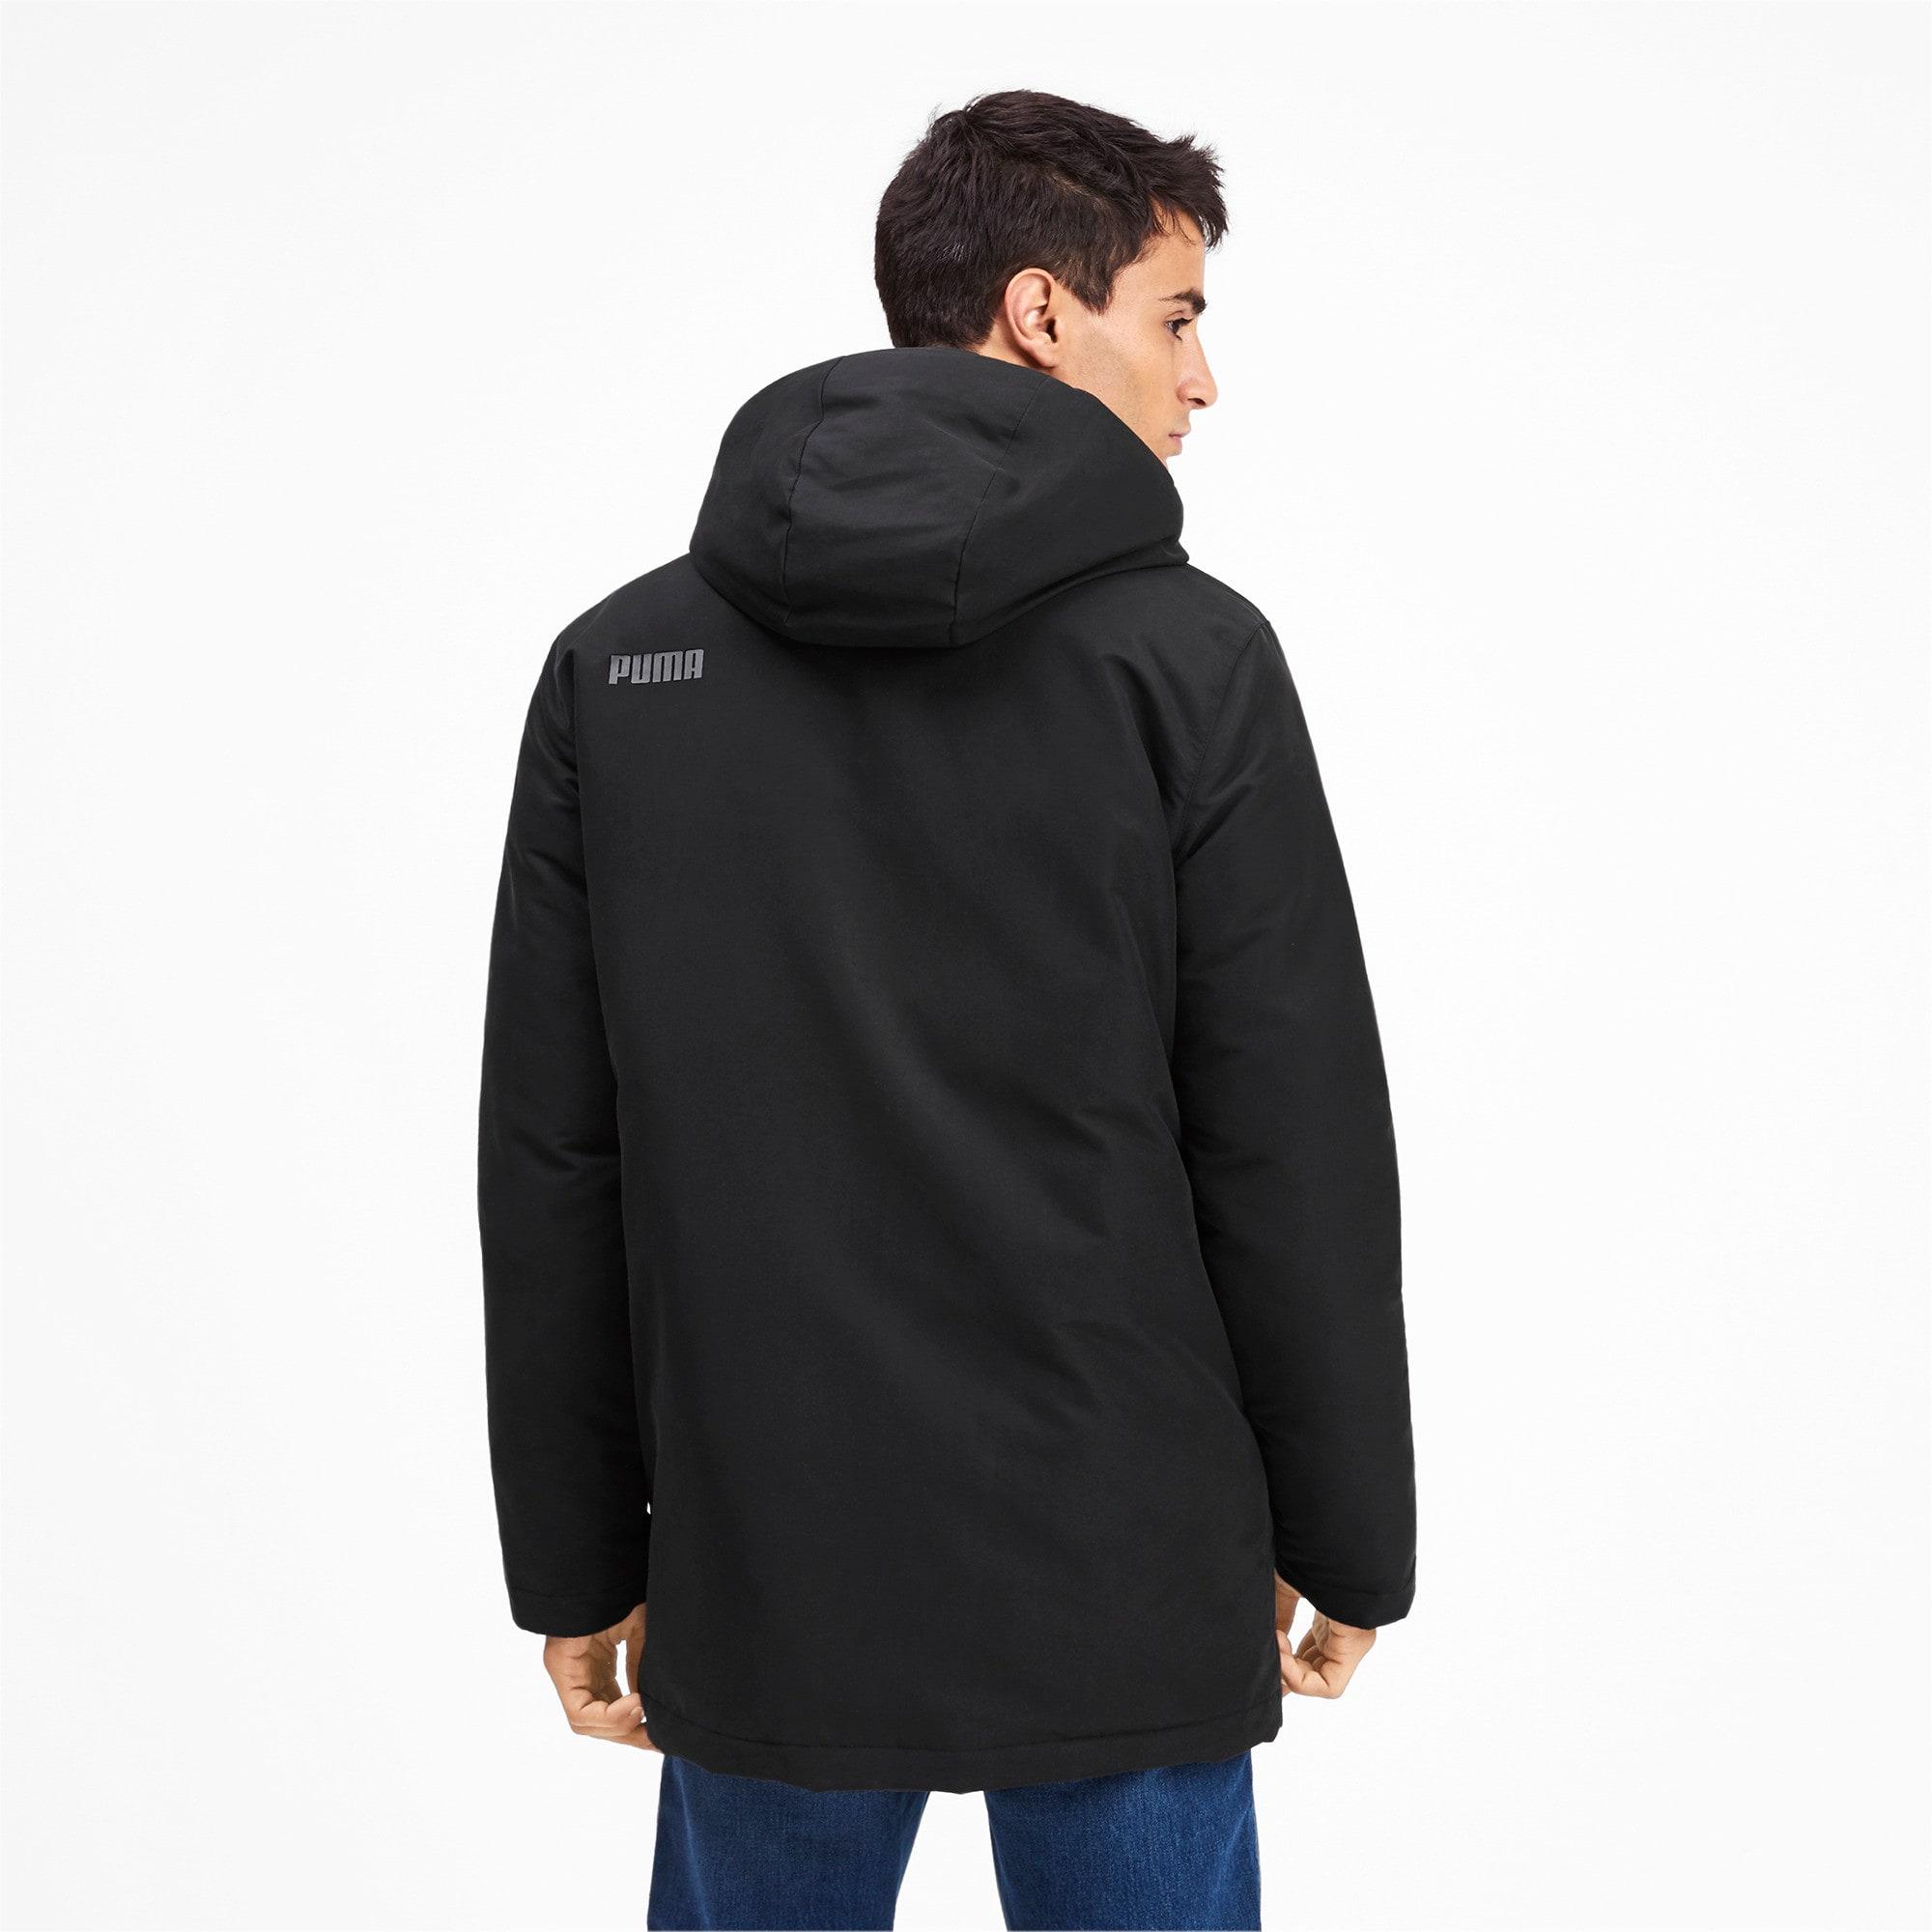 Thumbnail 3 of Essentials Protect Men's Jacket, Puma Black, medium